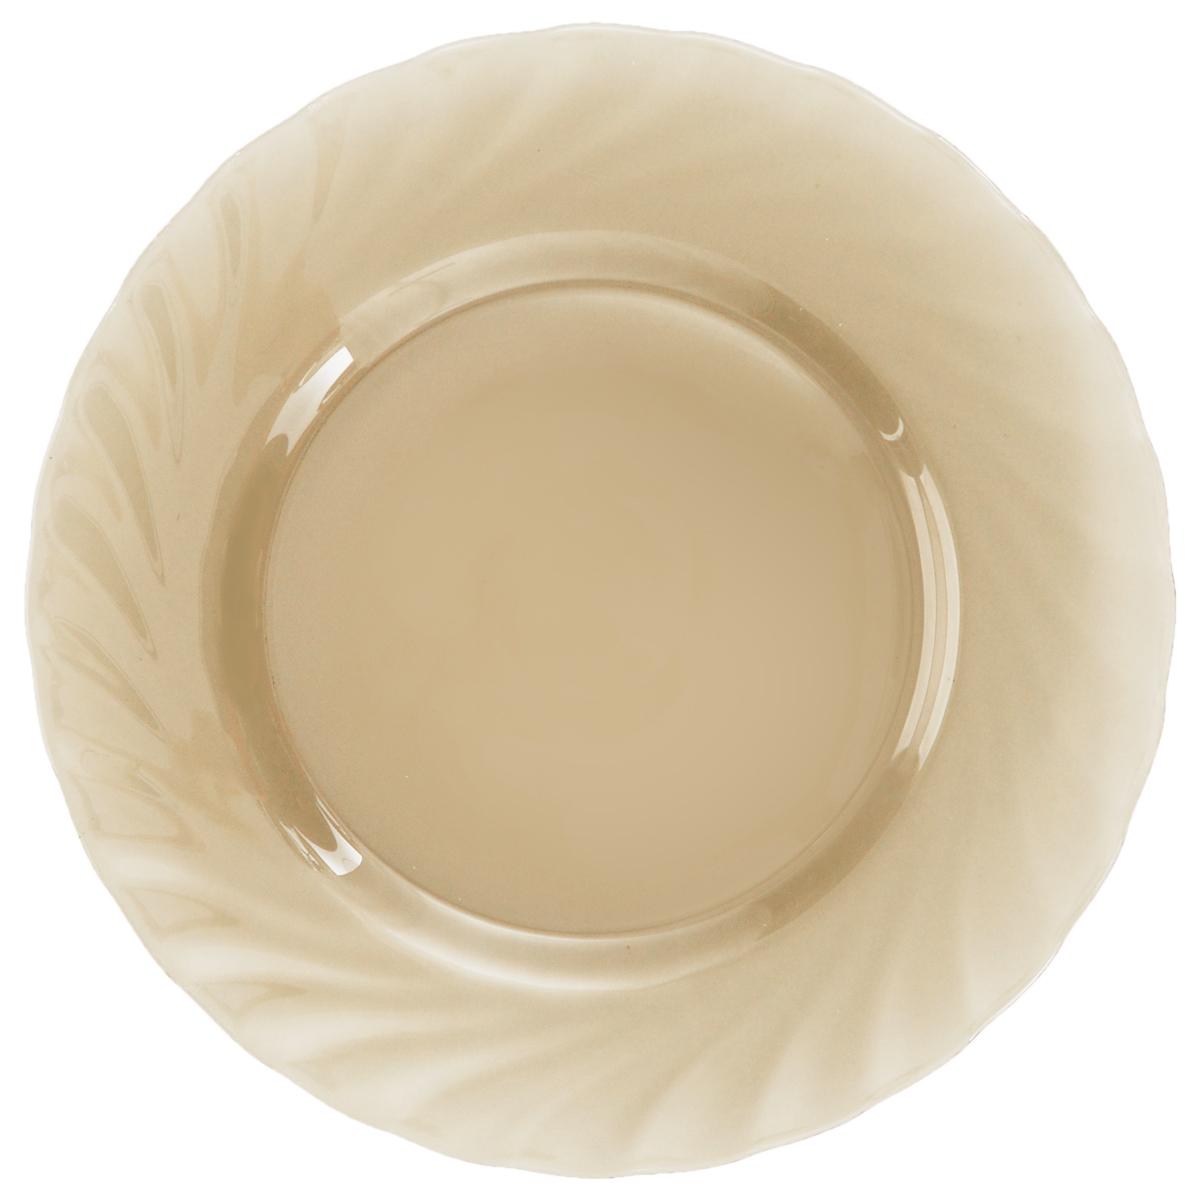 Тарелка десертная Luminarc Ocean Eclipse, диаметр 19,5 см115610Десертная тарелка Luminarc Ocean Eclipse изготовлена из ударопрочного стекла. Такая тарелка прекрасно подходит как для торжественных случаев, так и для повседневного использования. Идеальна для подачи десертов, пирожных, тортов и многого другого. Она прекрасно оформит стол и станет отличным дополнением к вашей коллекции кухонной посуды. Диаметр тарелки (по верхнему краю): 19,5 см.